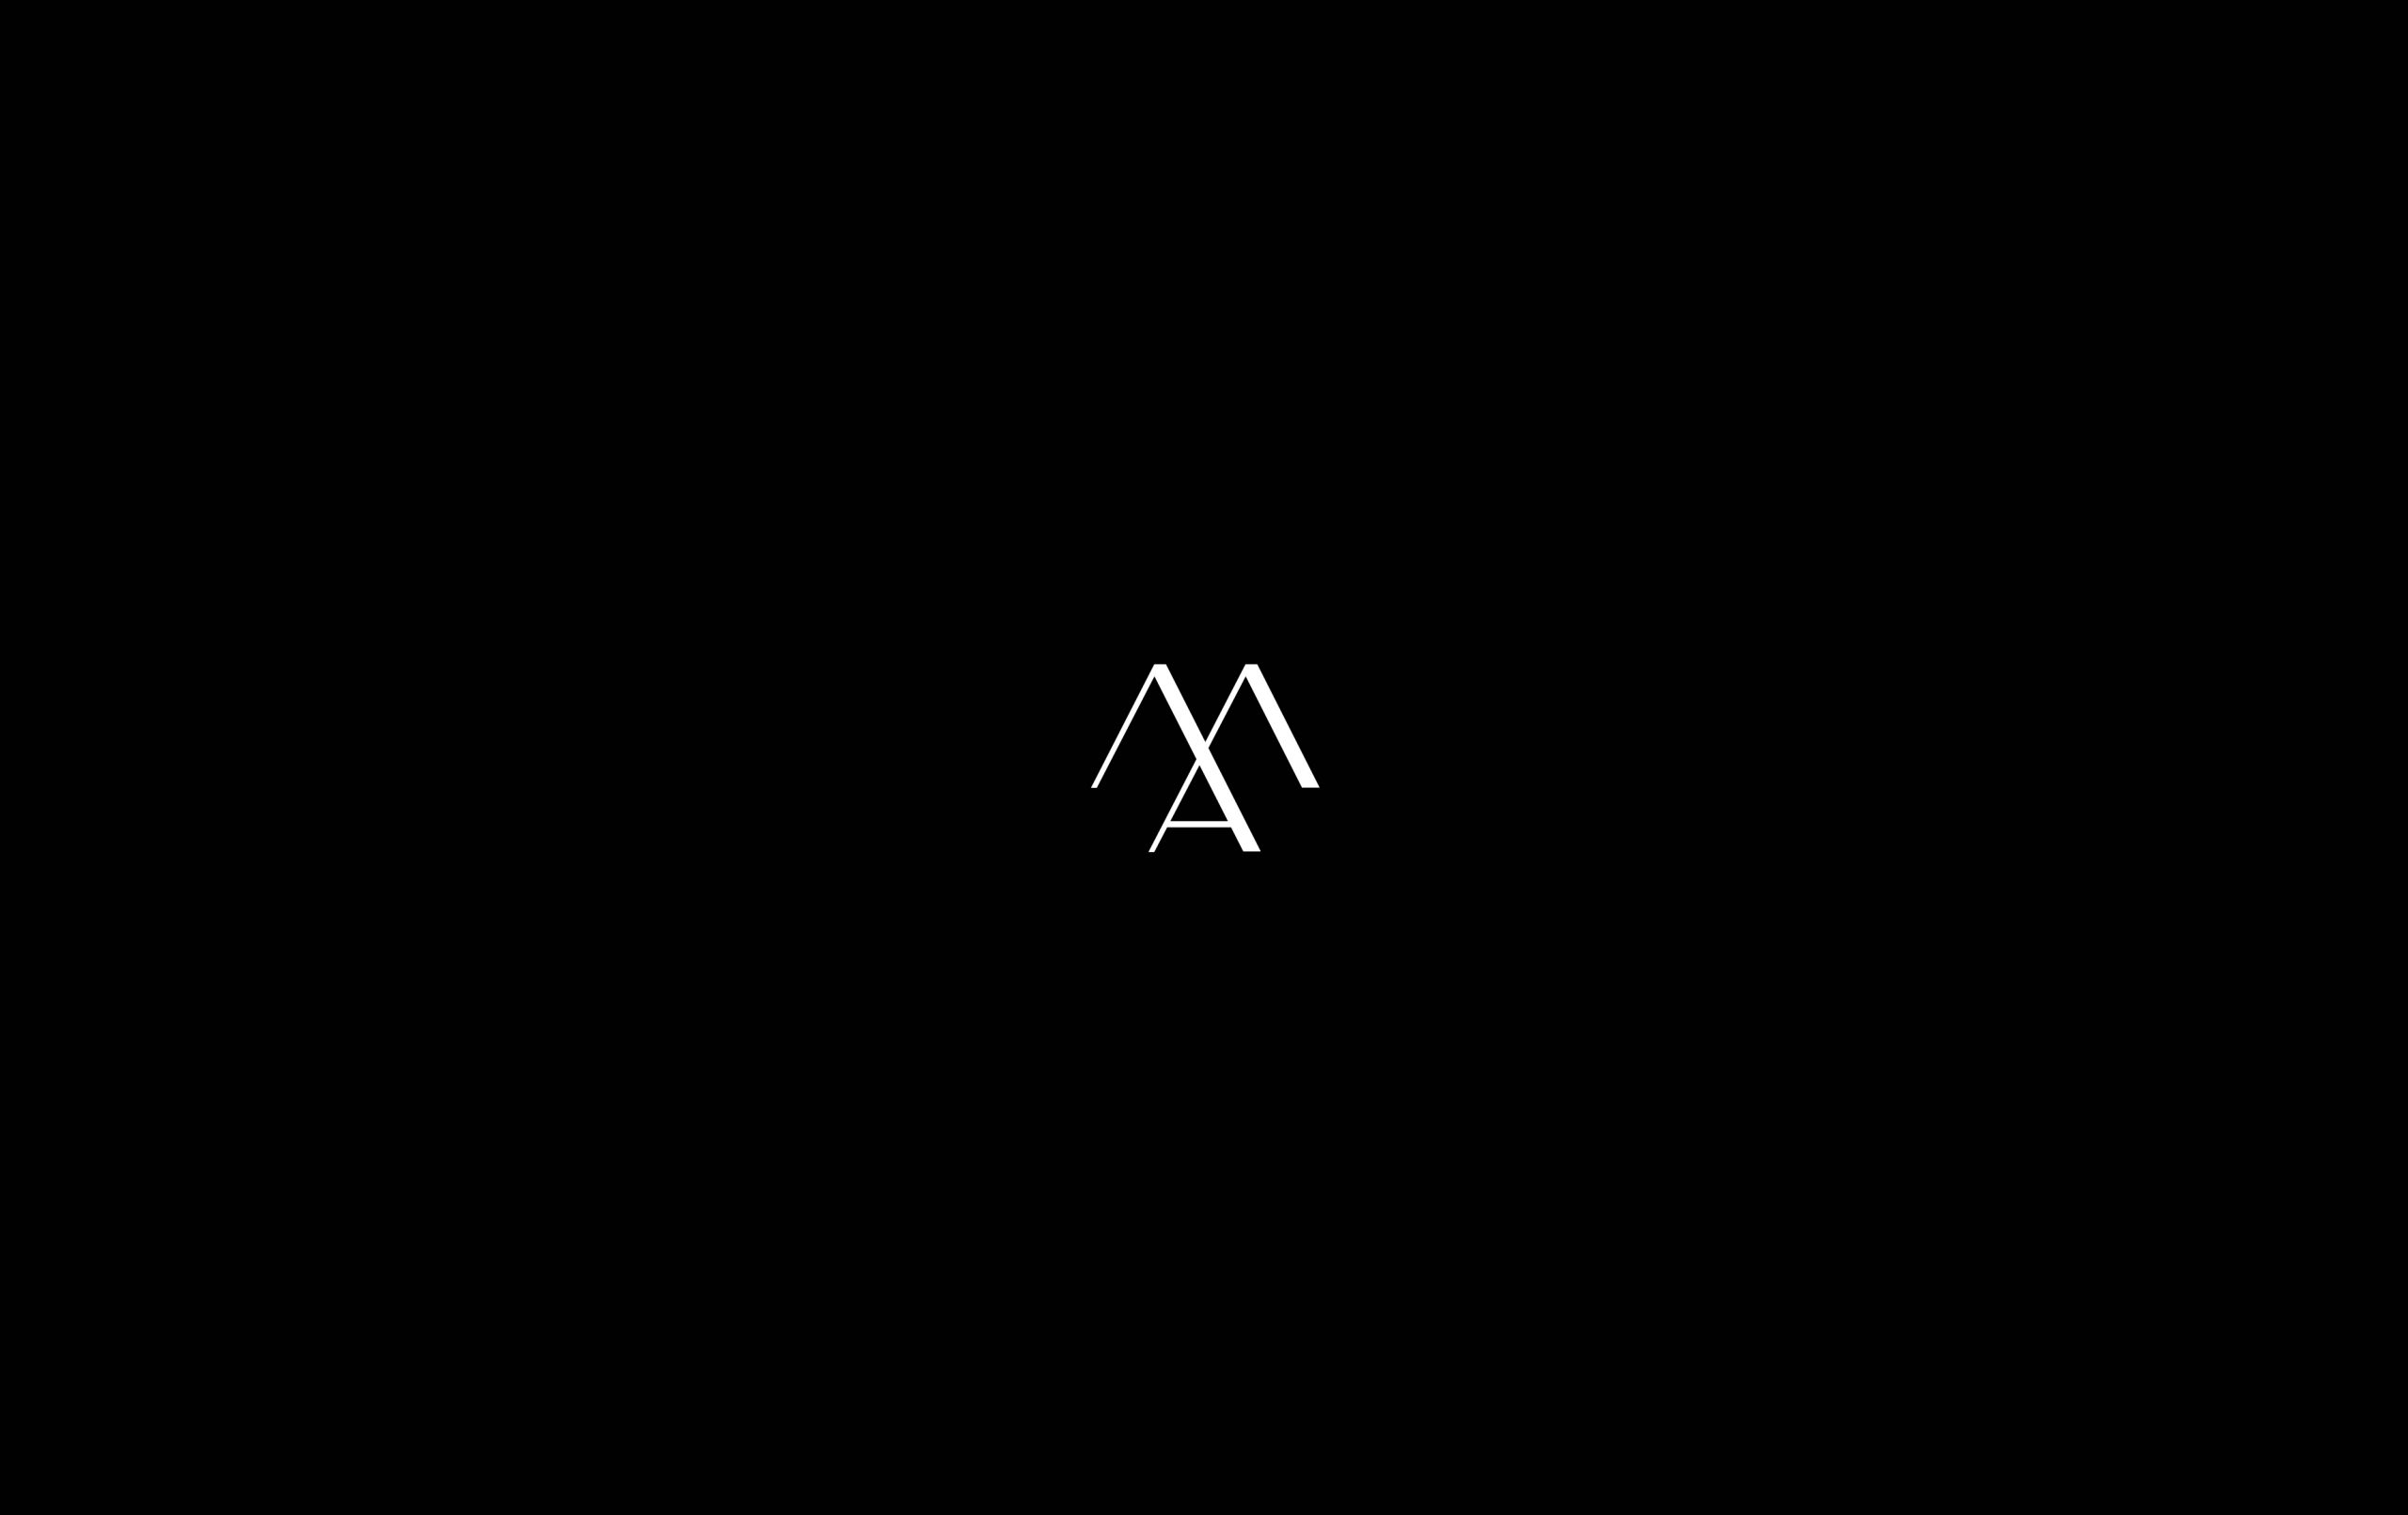 Andrea-03